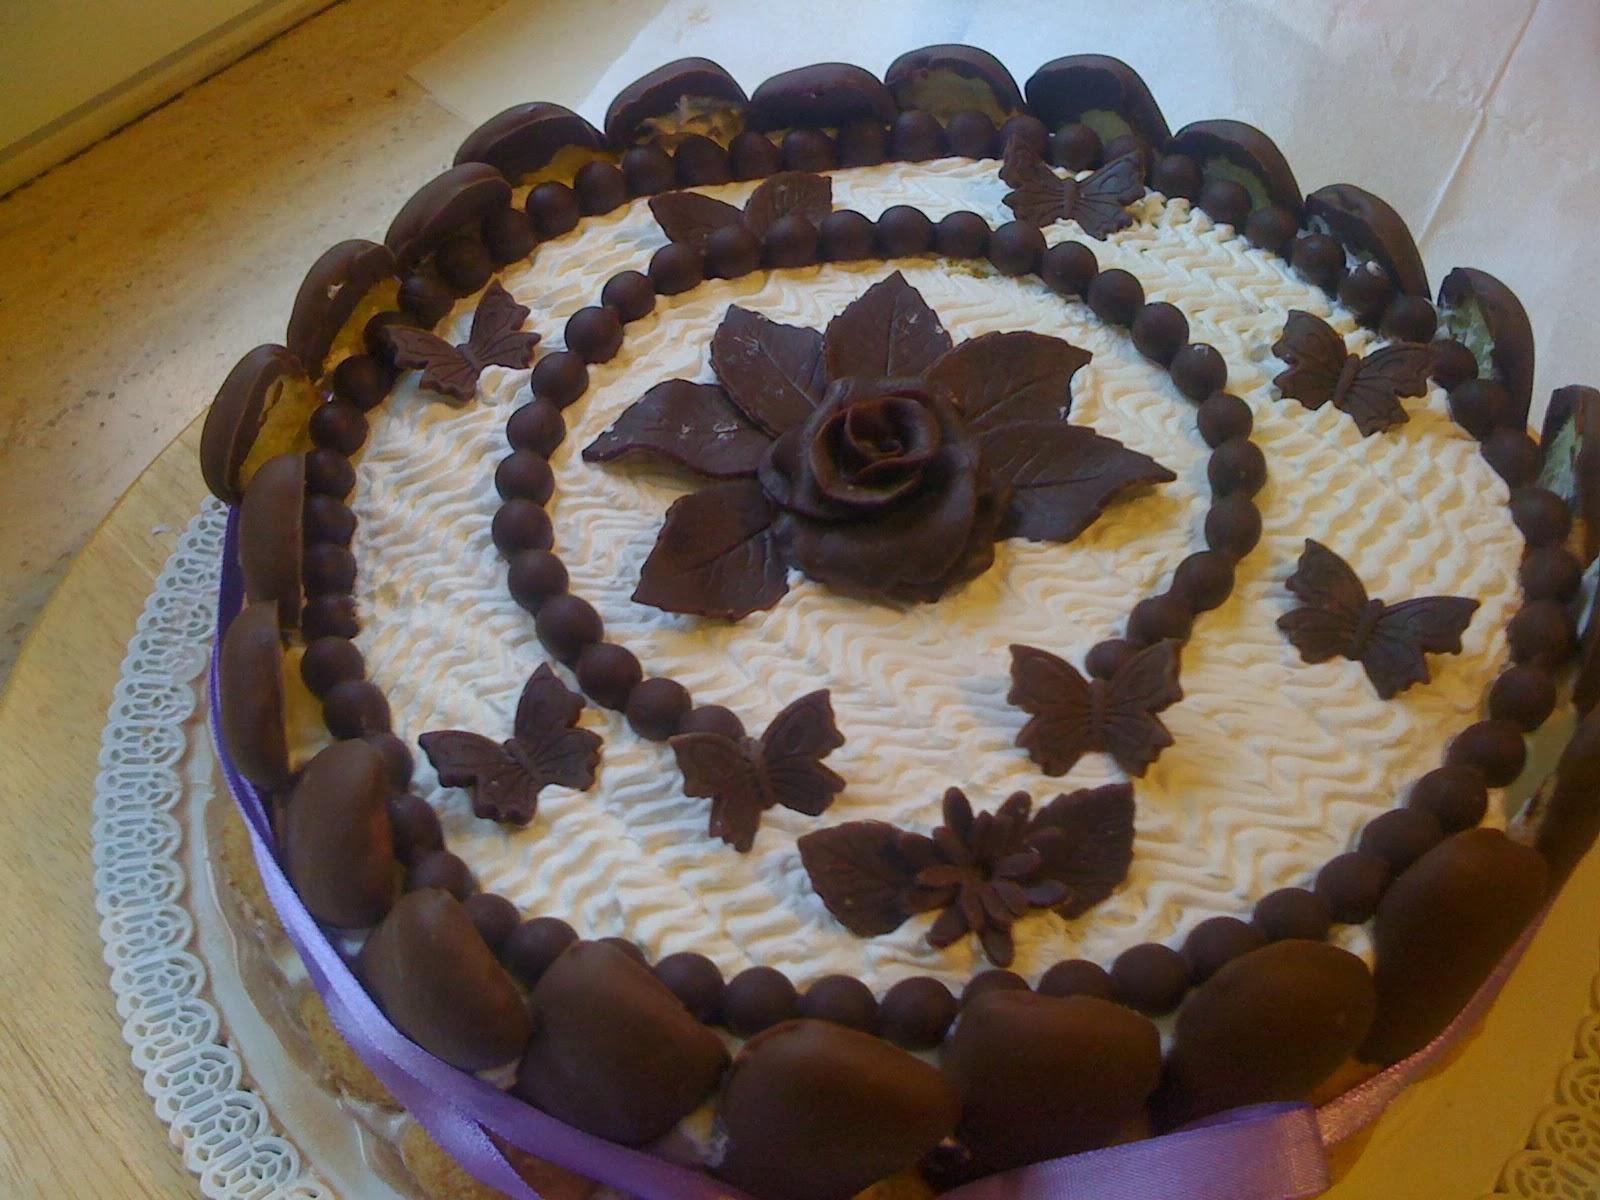 In cucina da mary sol torta tiramisu alla nutella ricetta - Bagno nella nutella ...